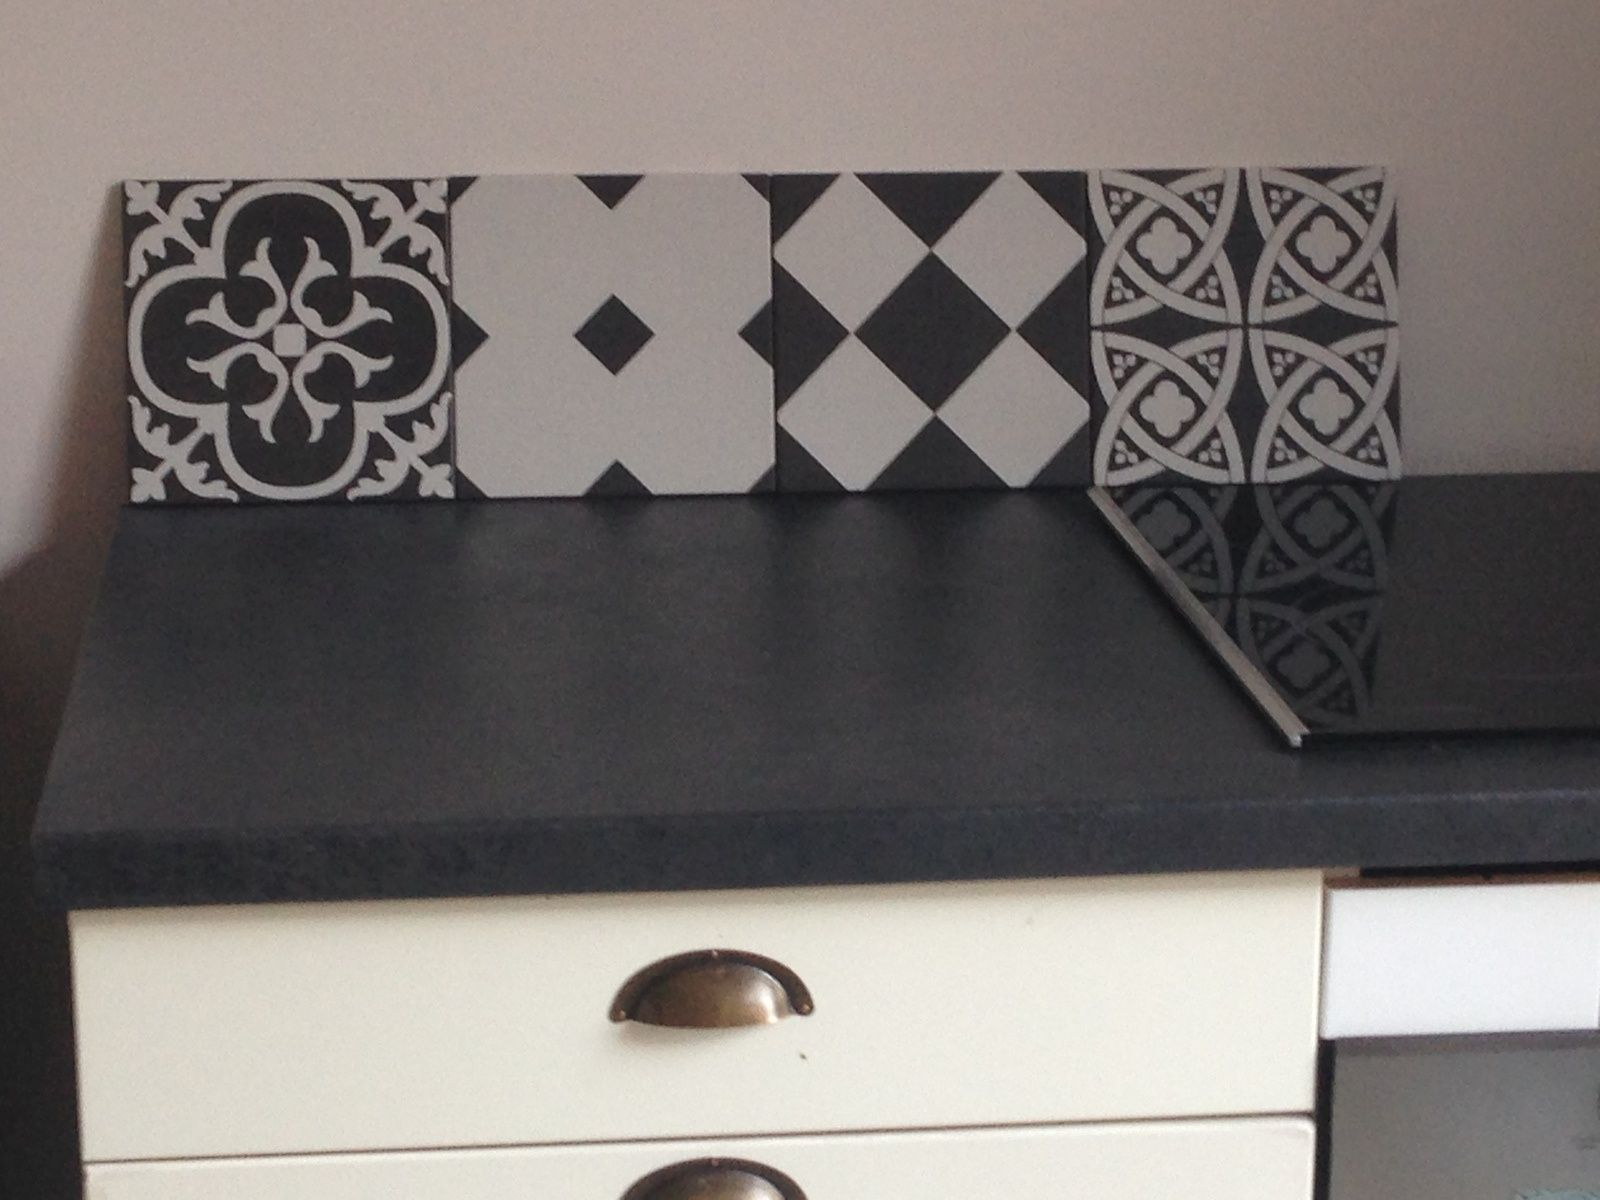 cuisine avant apr s noir ulta mat cr dence carreaux ciment. Black Bedroom Furniture Sets. Home Design Ideas